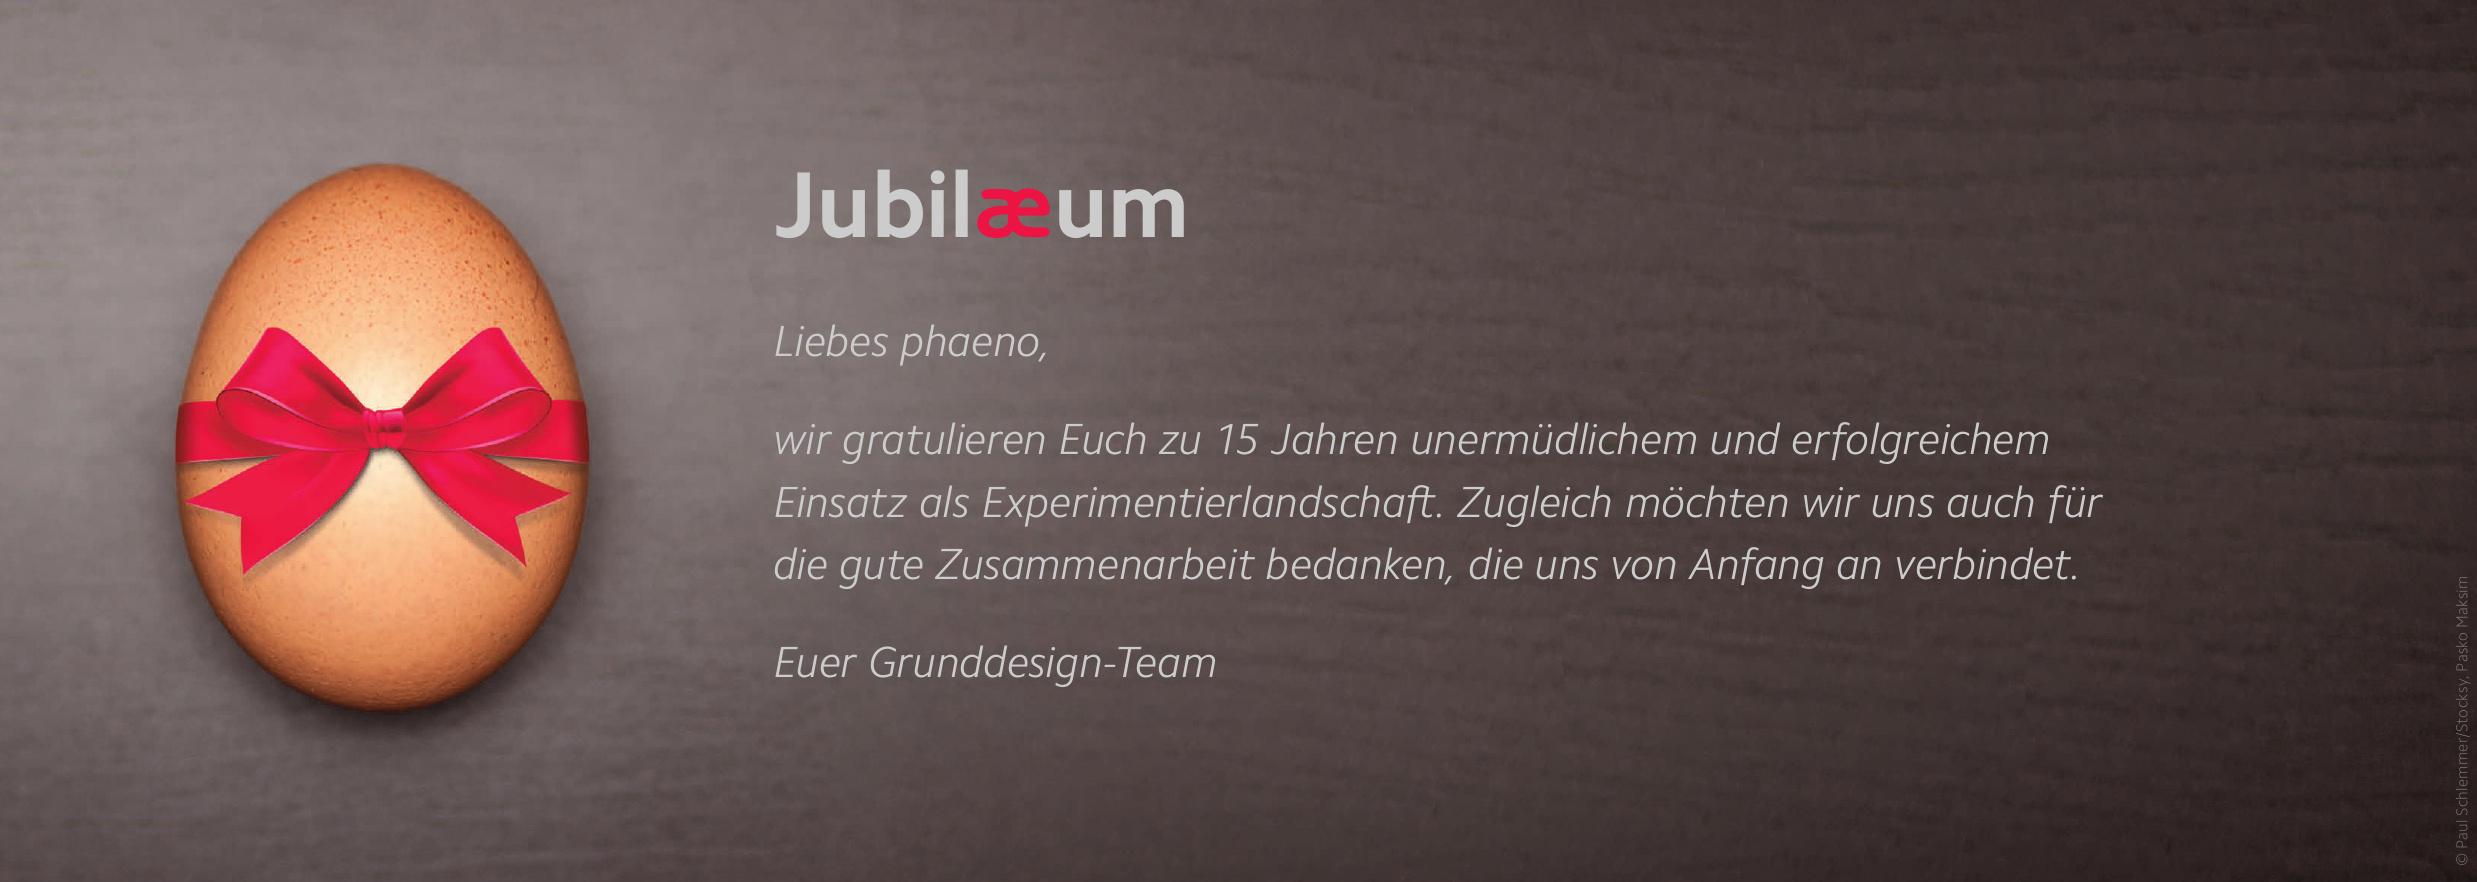 Grunddesign-Team